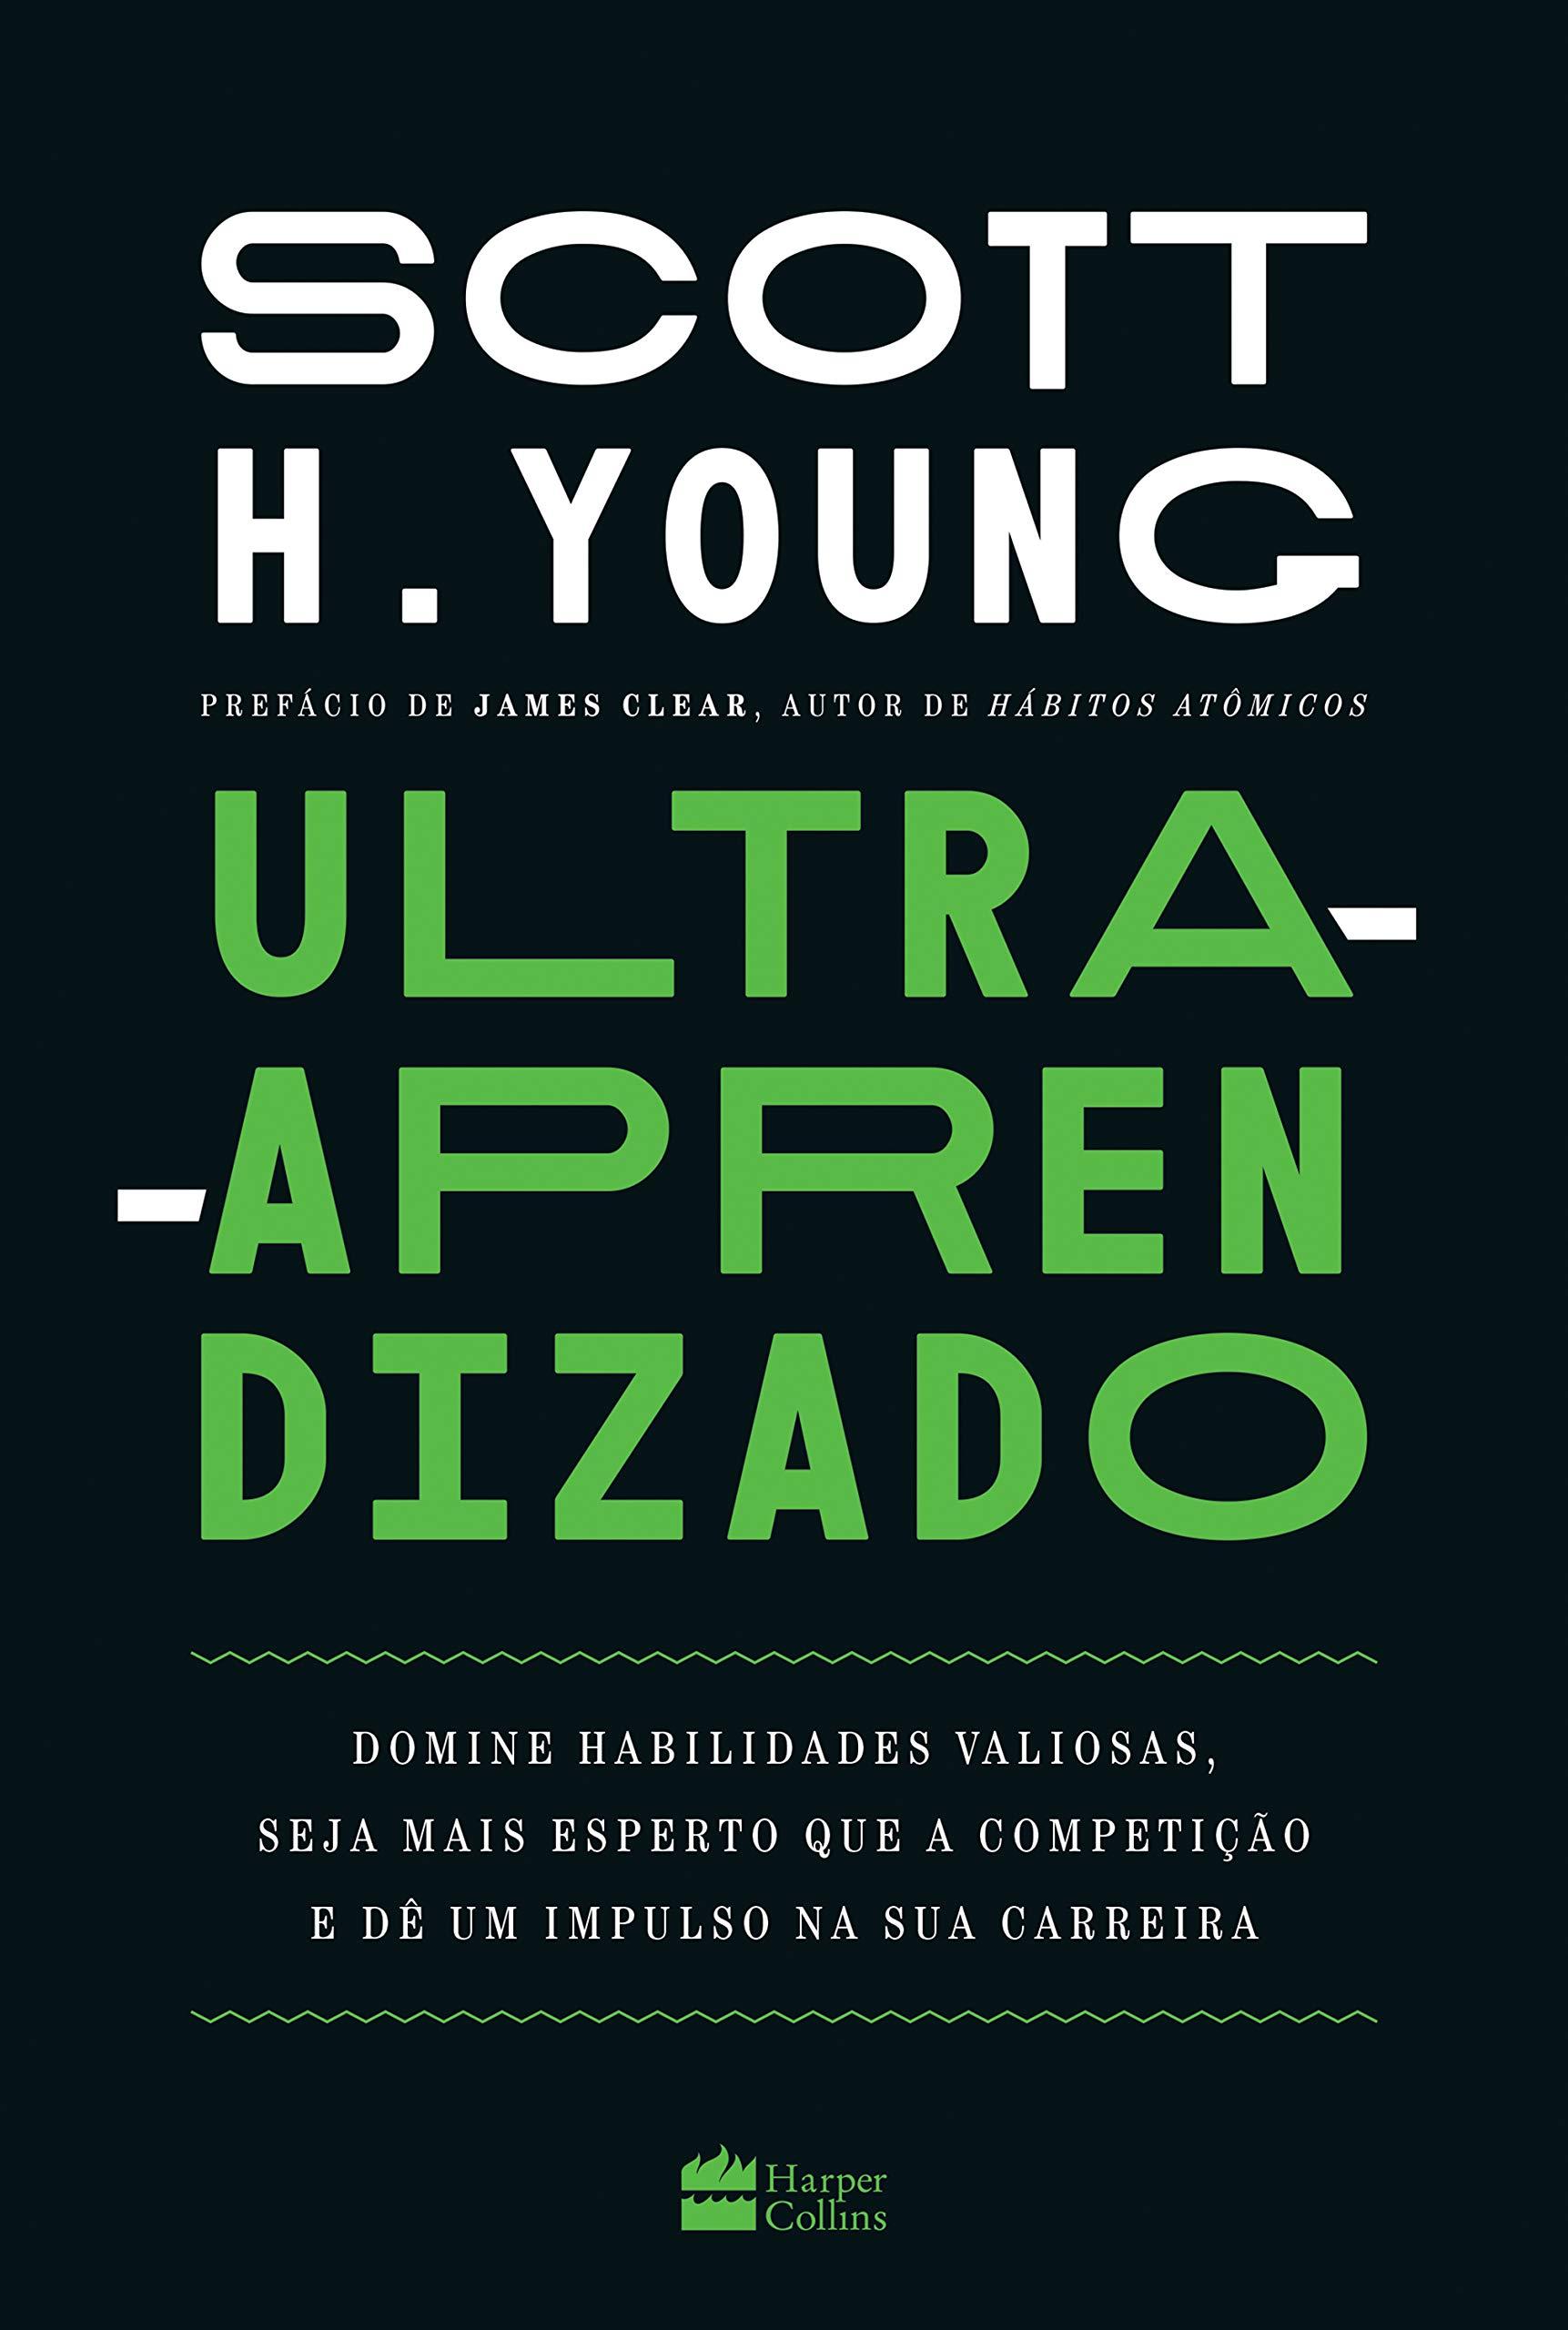 Livro 'Ultra-aprendizado: Domine habilidades valiosas, seja mais esperto que a competição e dê um impulso na sua carreira' por Scott Young